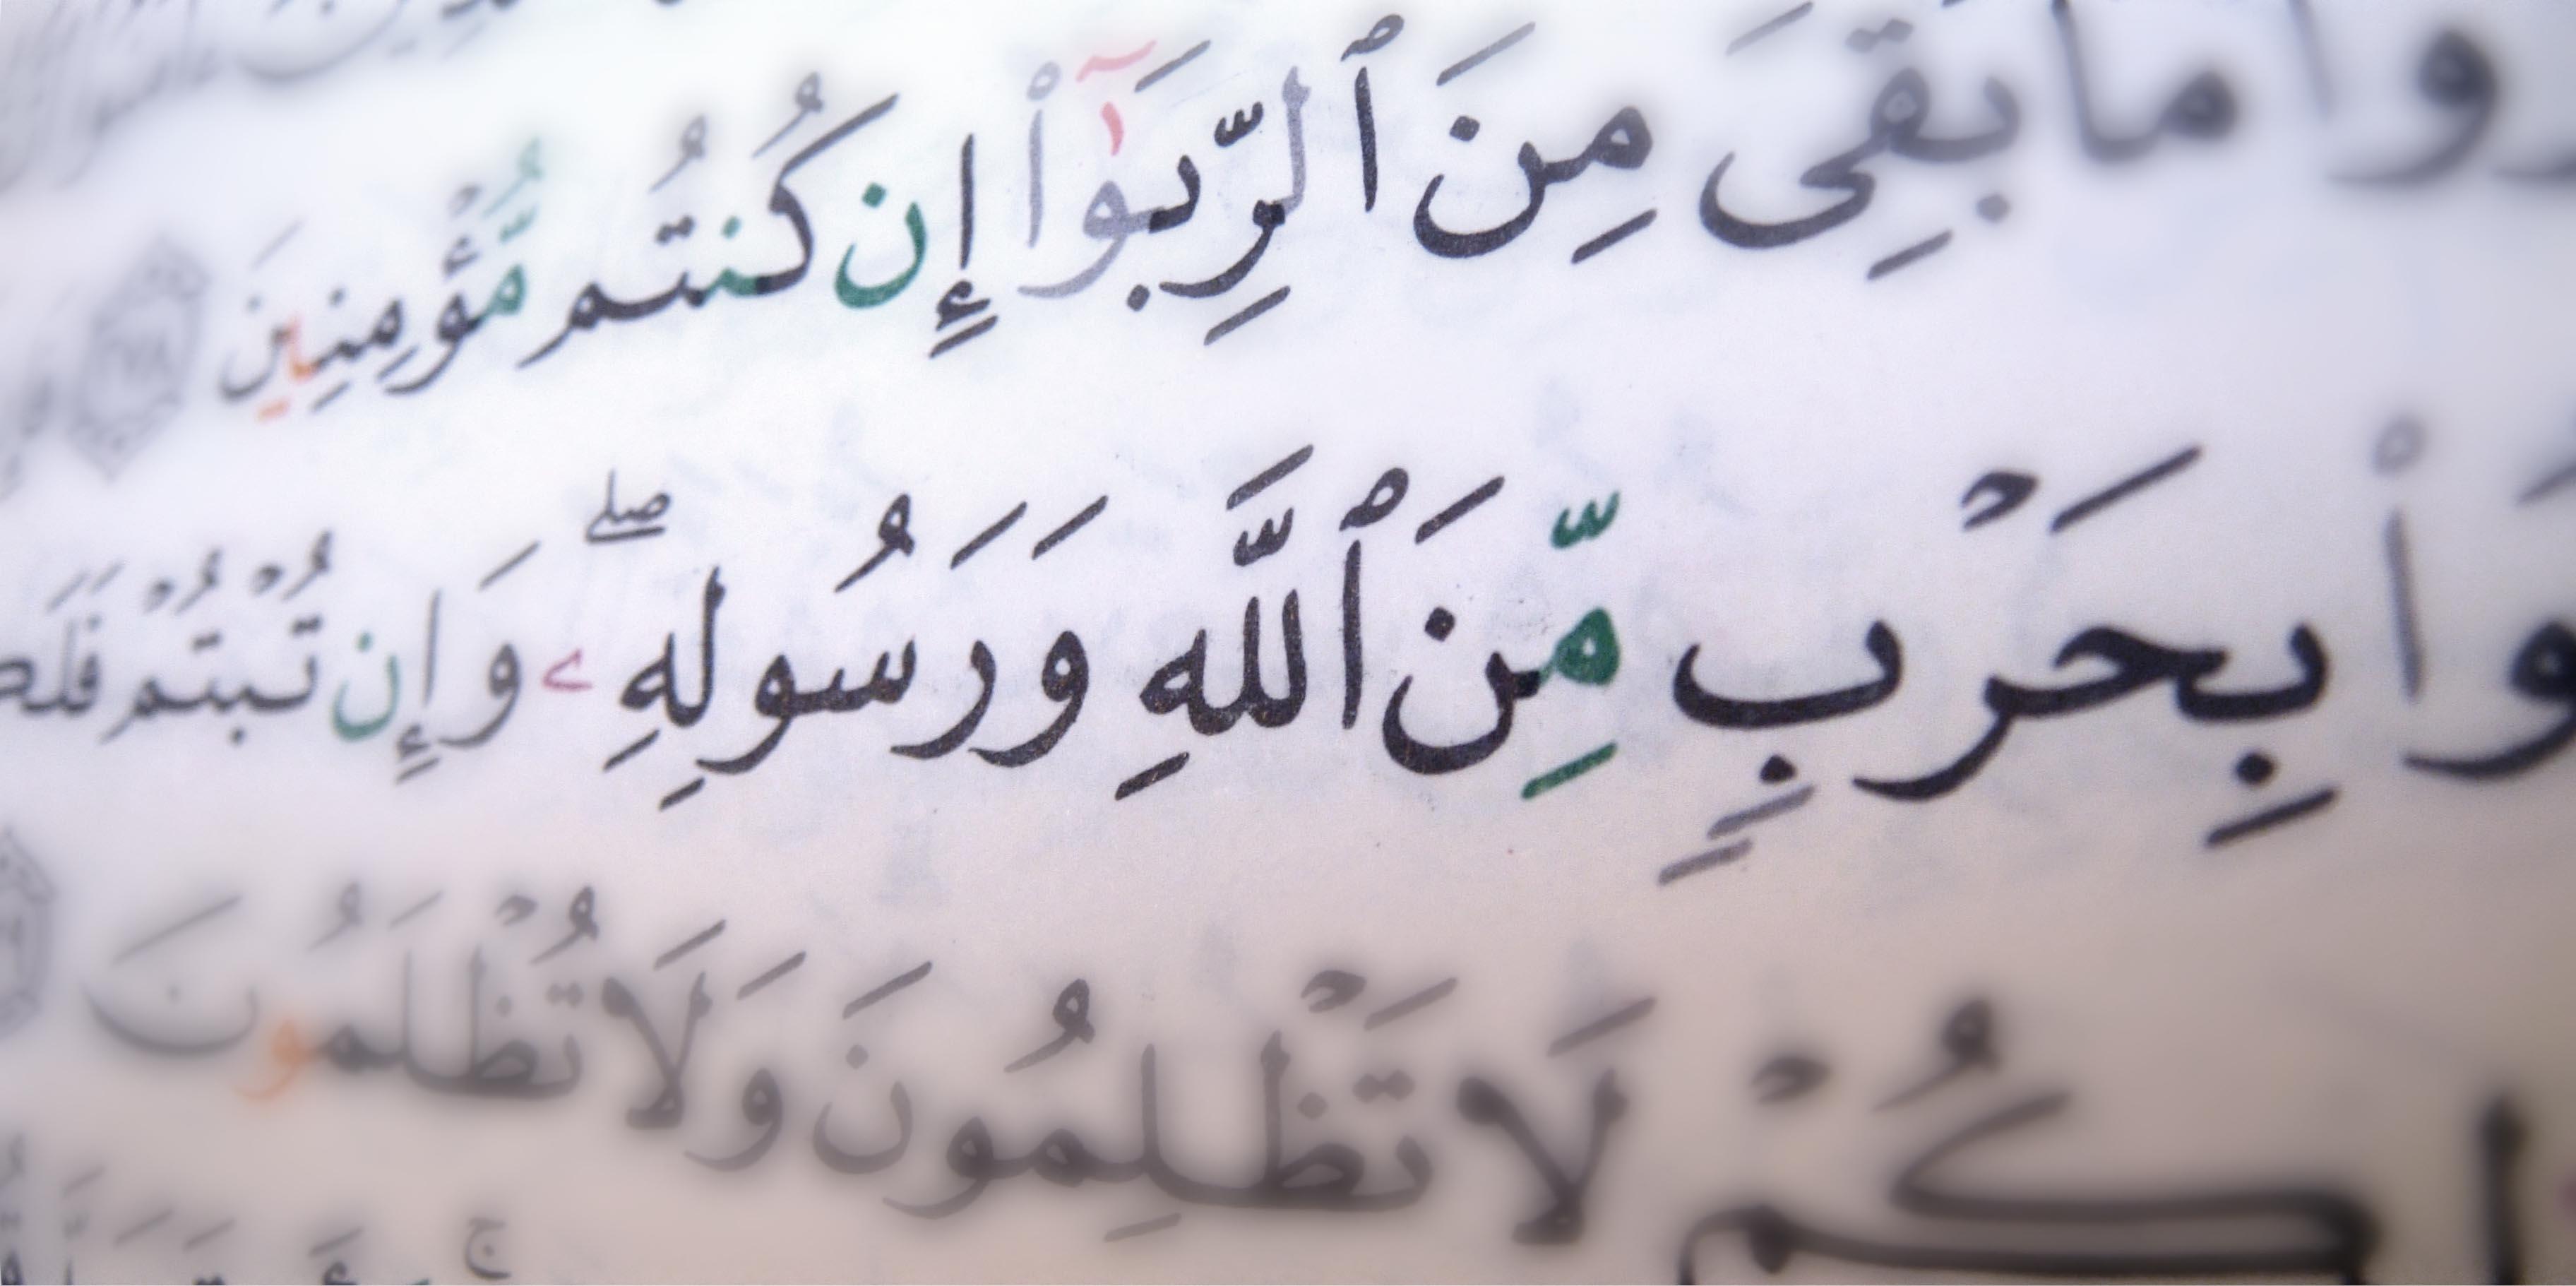 تصویر از بهمنی: امر به معروف همانند نماز واجب است؛ ربا در حوزه اقتصاد از منکرات است